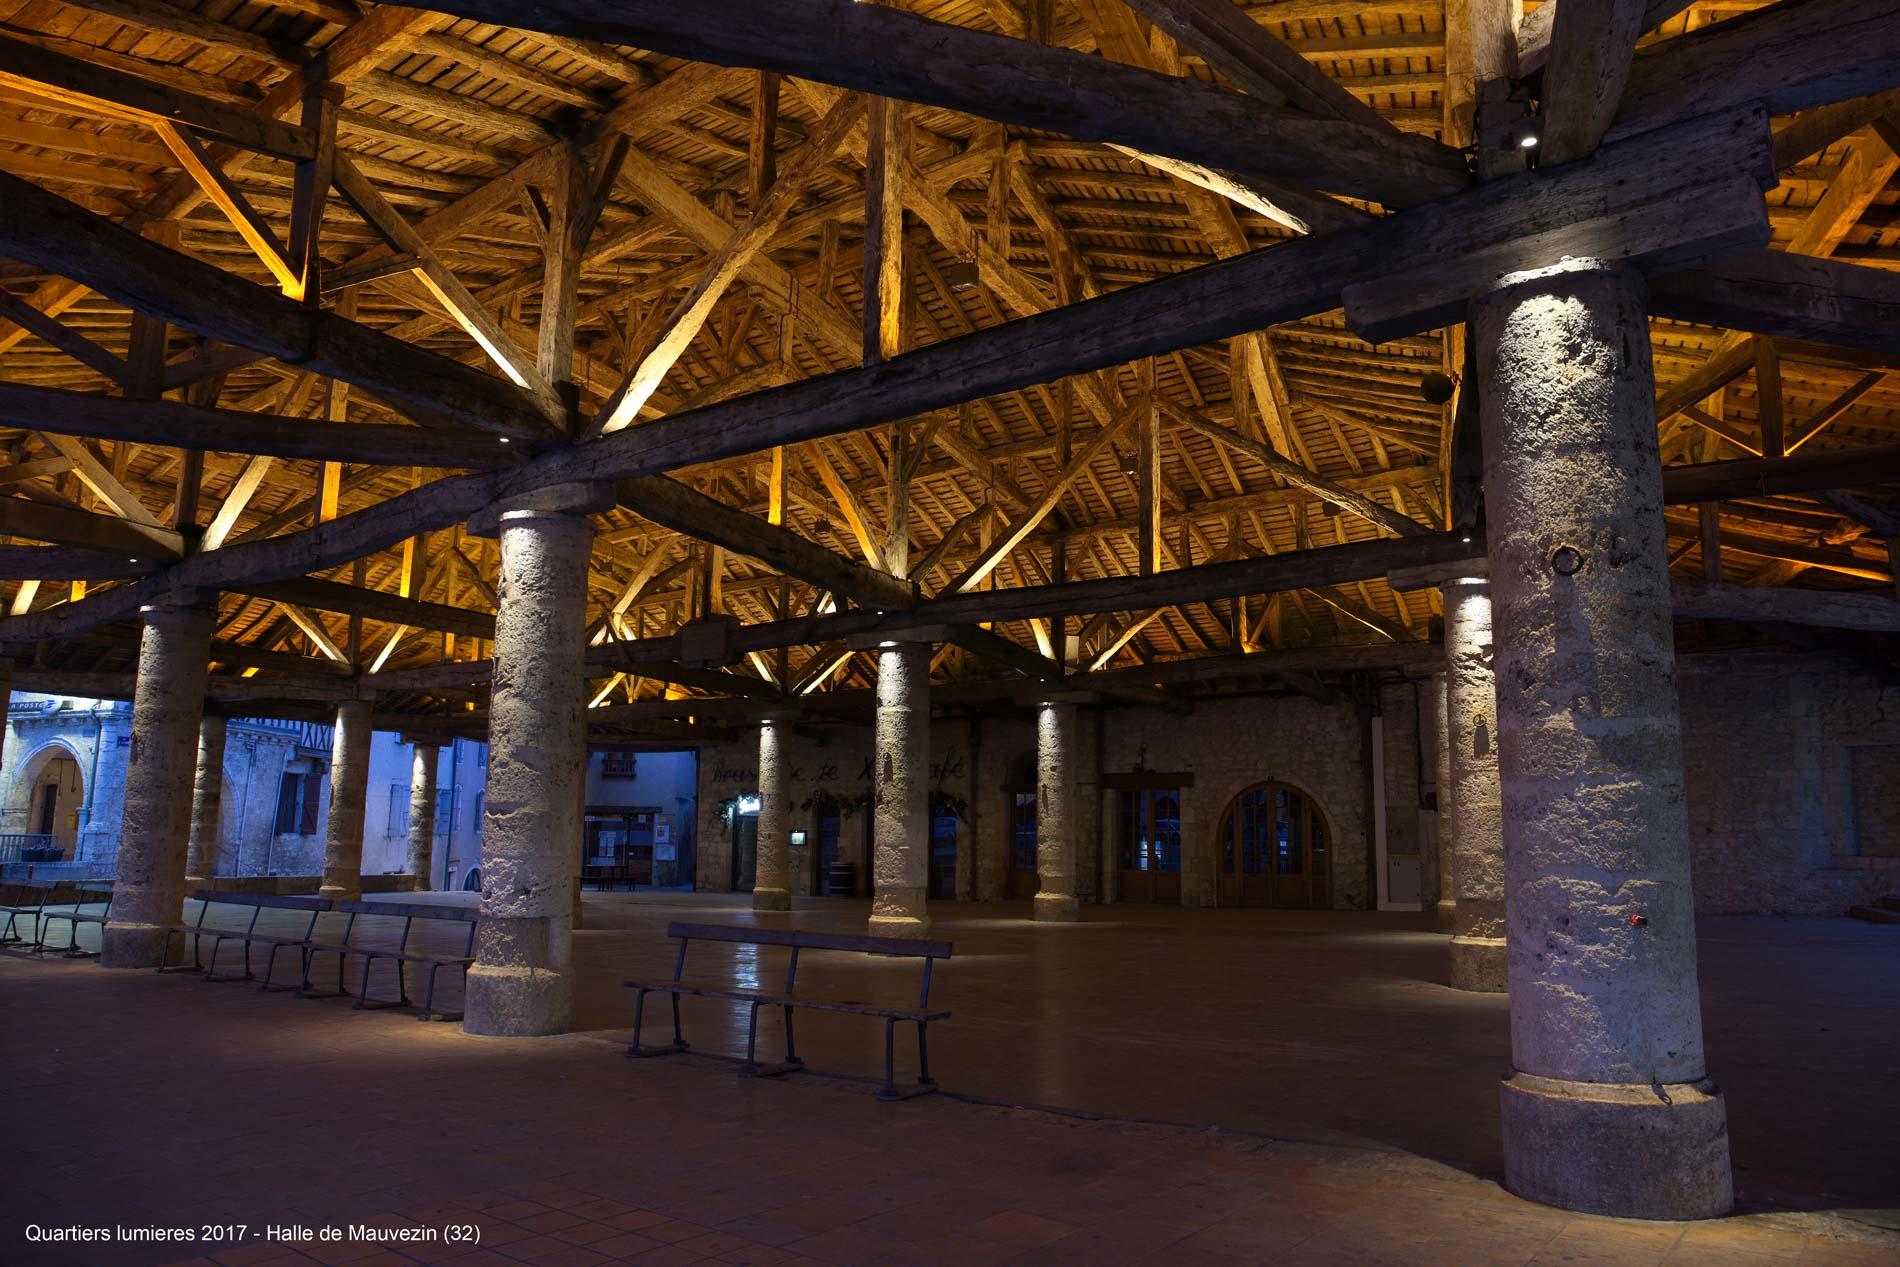 Mise en lumière de la halle et de l'église de Mauvezin. Une alliance de températures de couleurs est utilisée afin de mettre lumière cette structure.